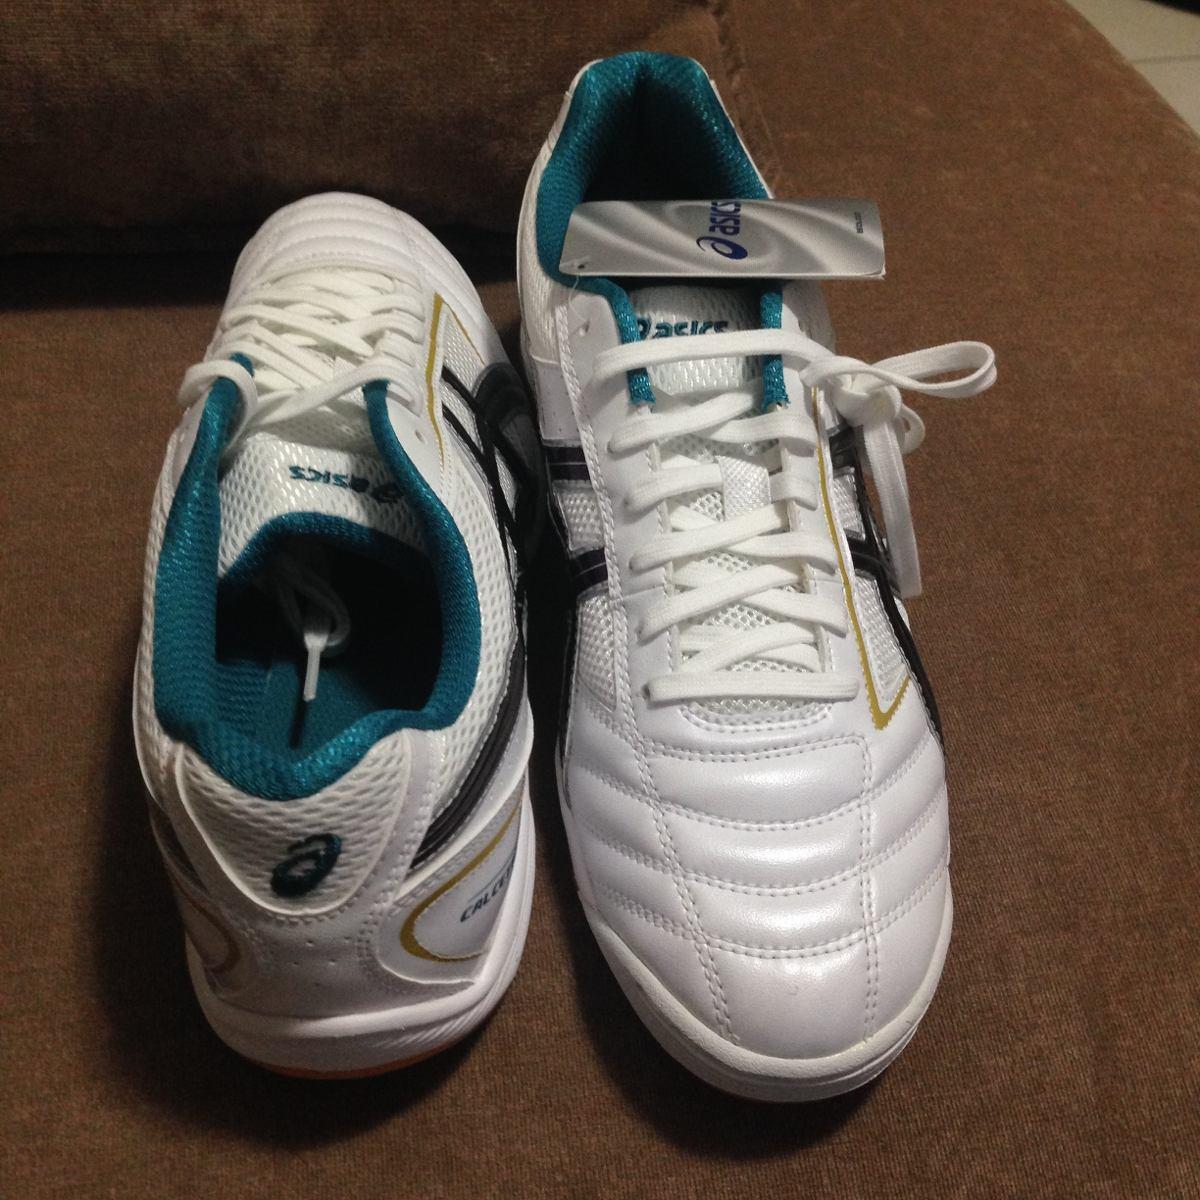 0604fbae0c tenis de salaol asics calcetto branca futebol frete gratis. Carregando zoom.